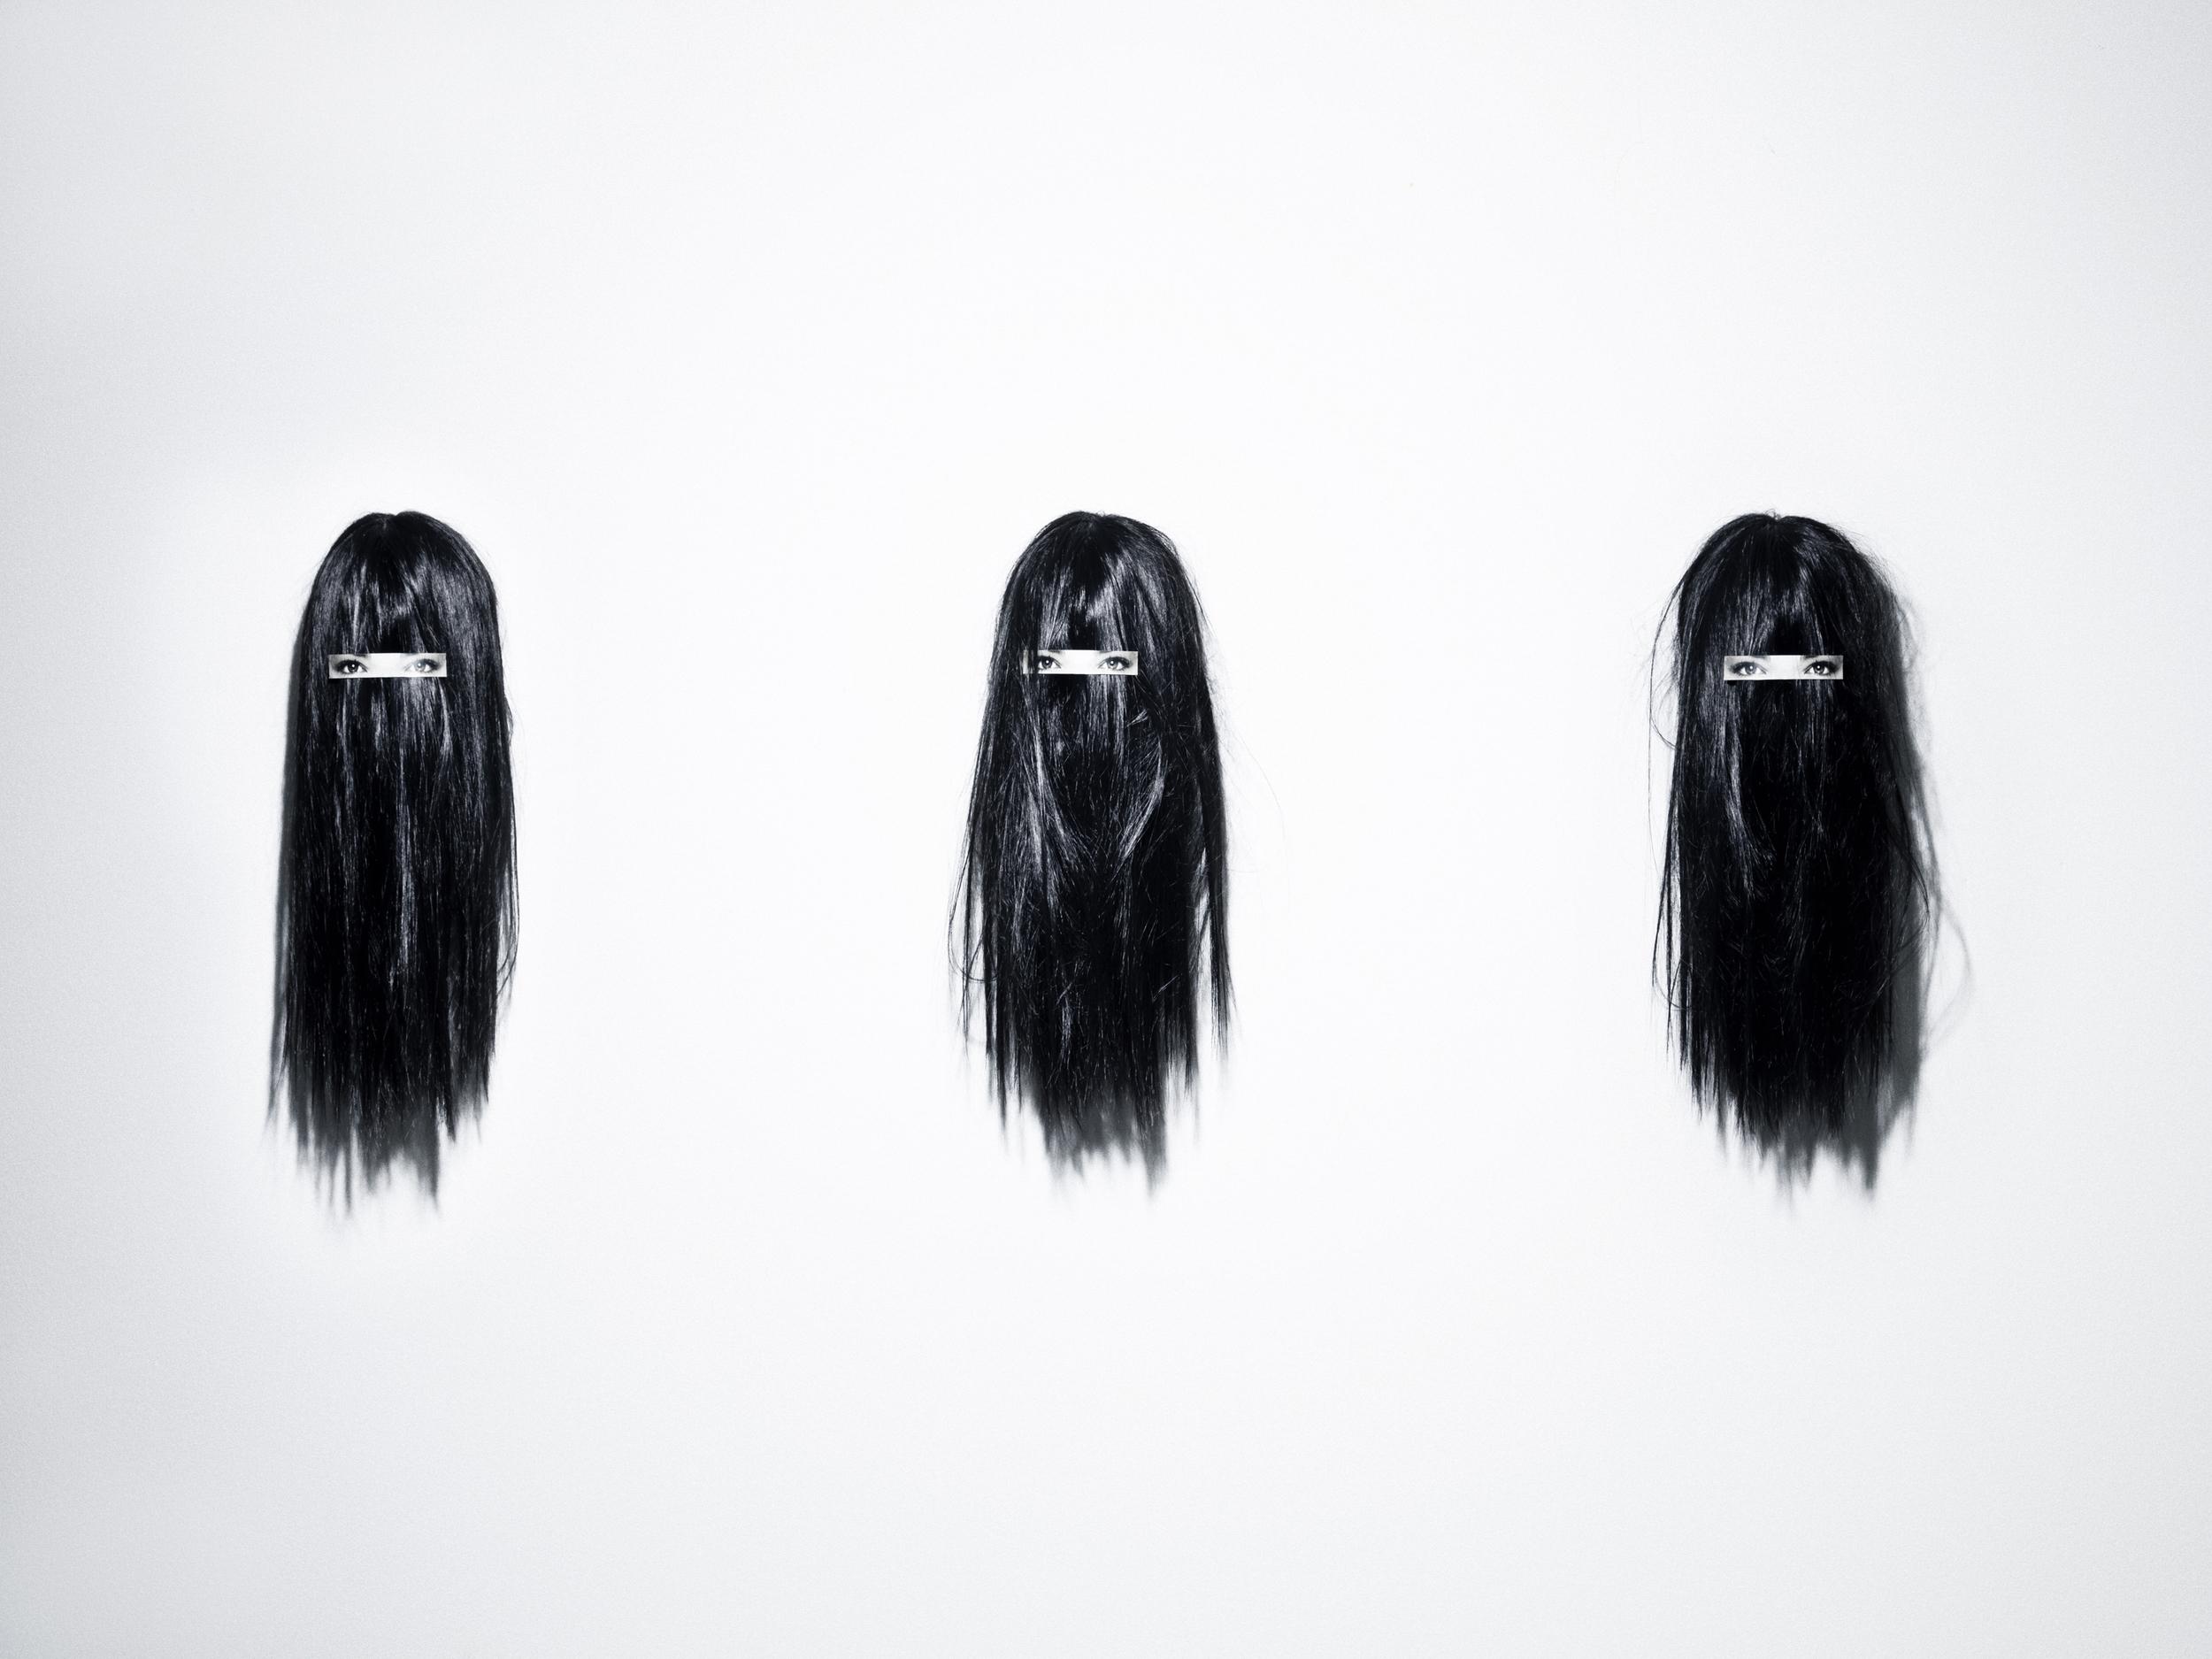 006_Hair clip on hair.jpg